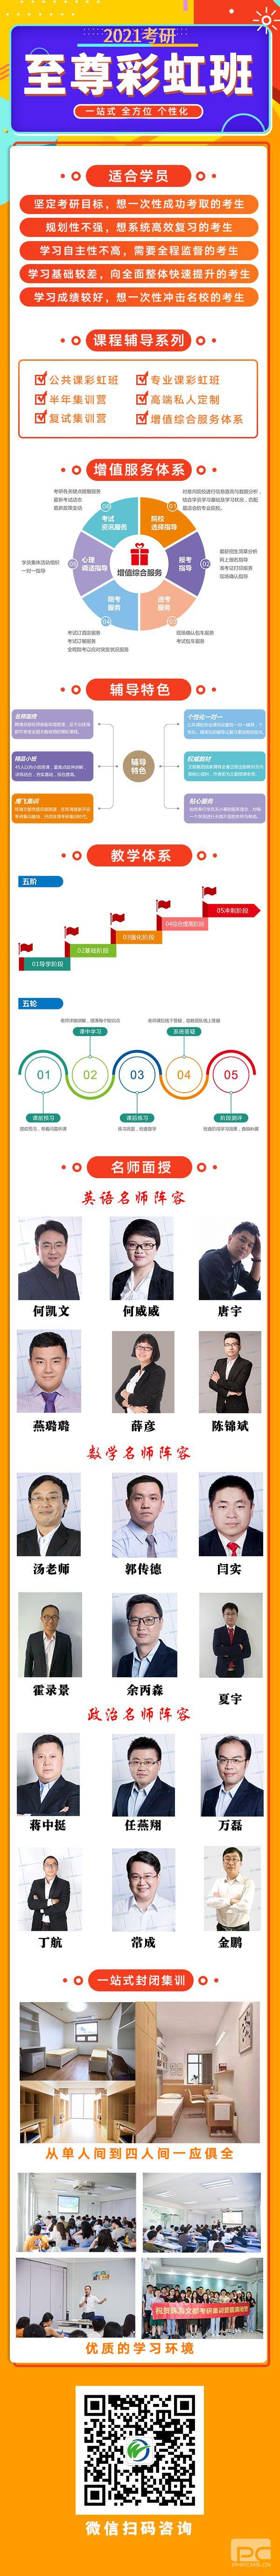 21考研至 尊彩虹班_中山考研